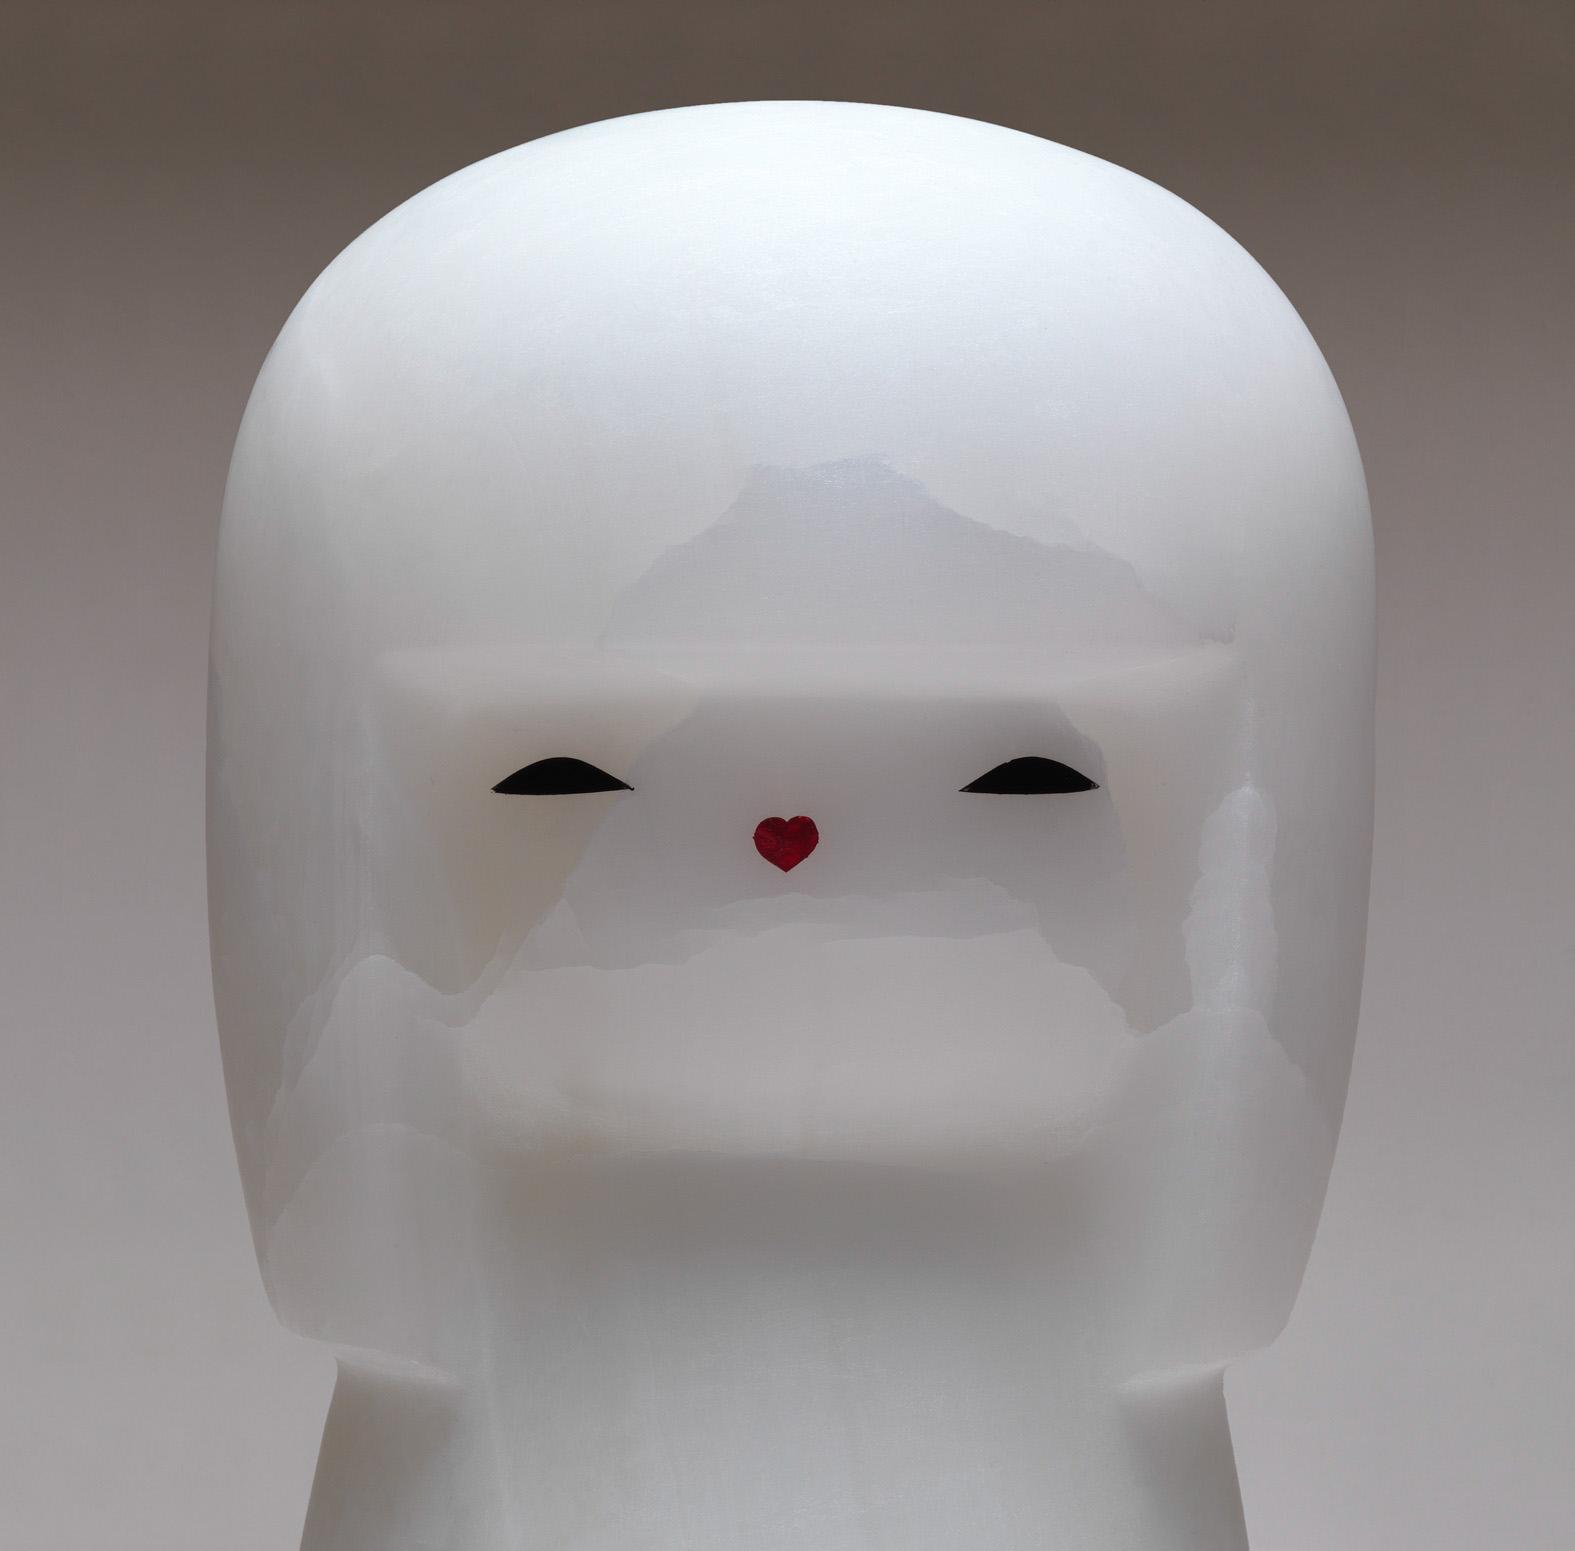 Michele Chiossi Baby LOL Doll, 2011 onice, smalti CHANEL la grande onda kokeshi love Giappone Hokusai scultura